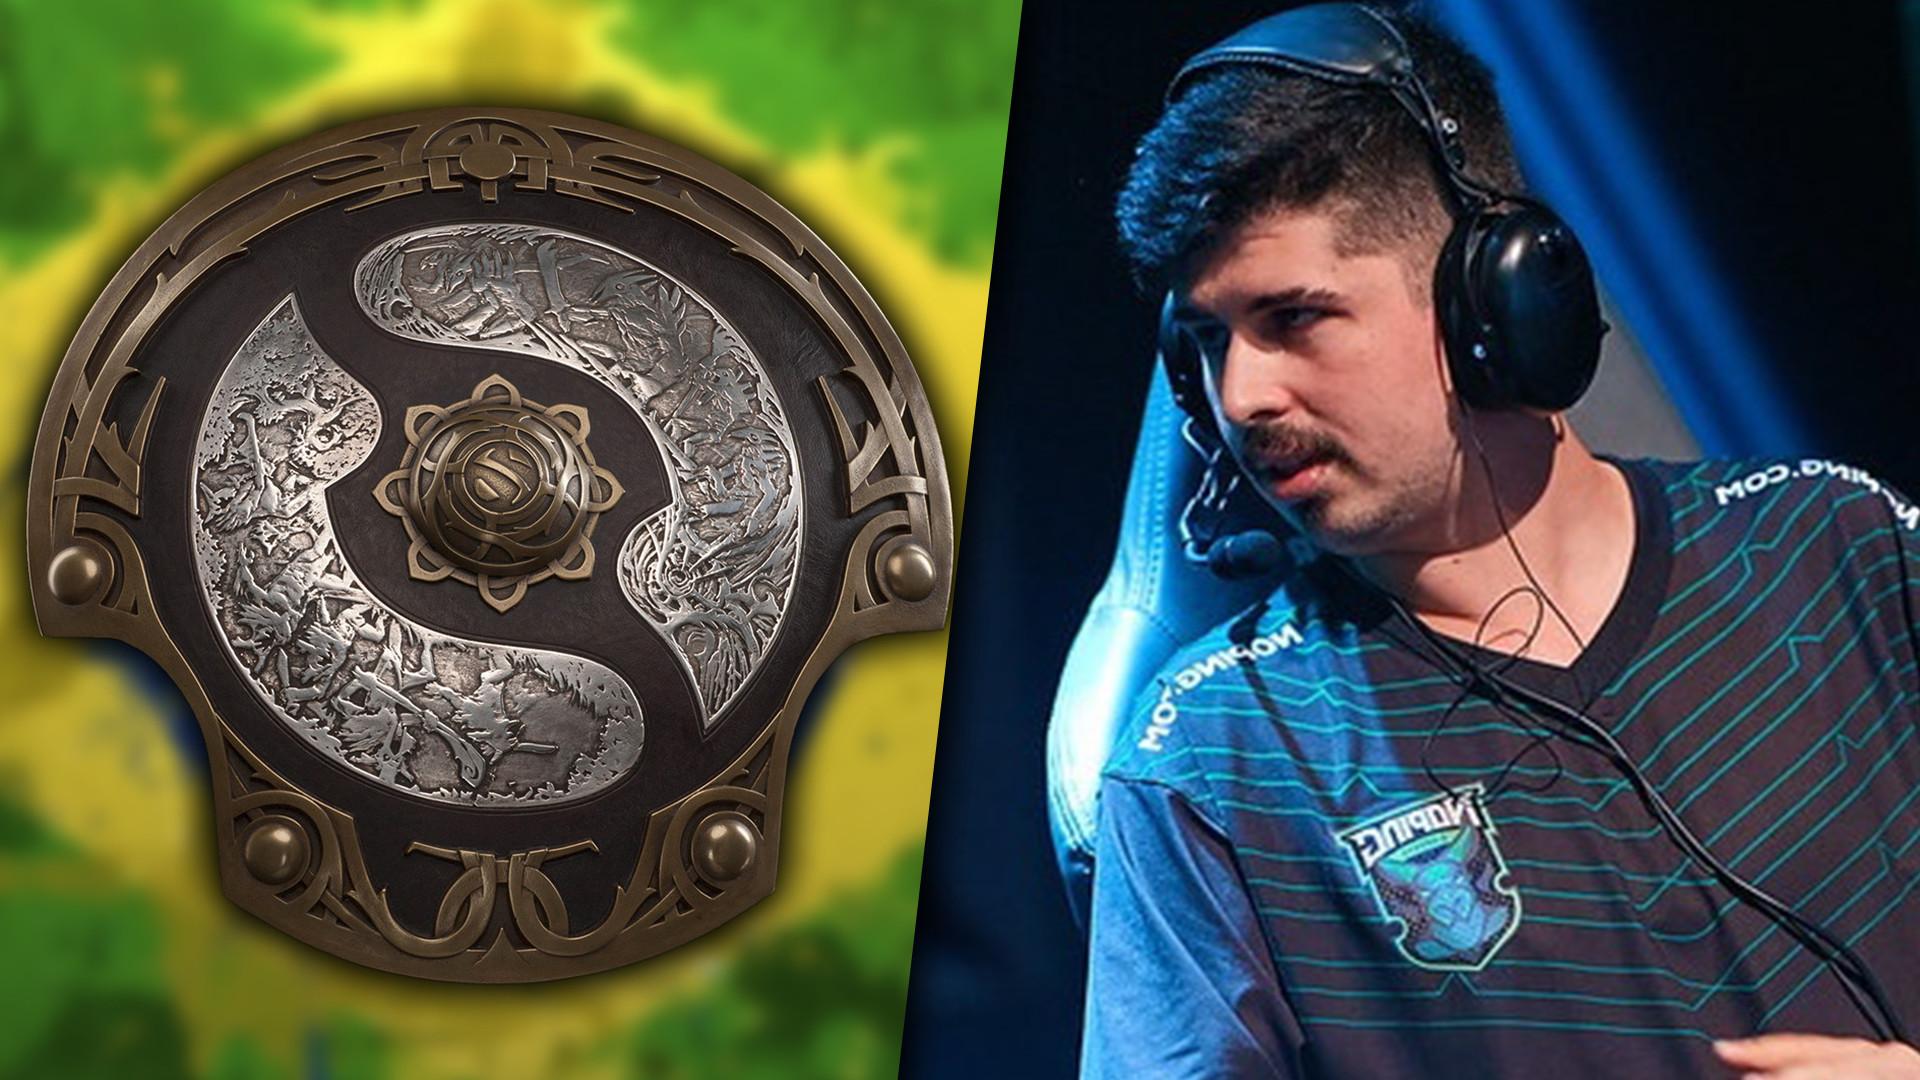 DotA 2 brasileiros Tavo